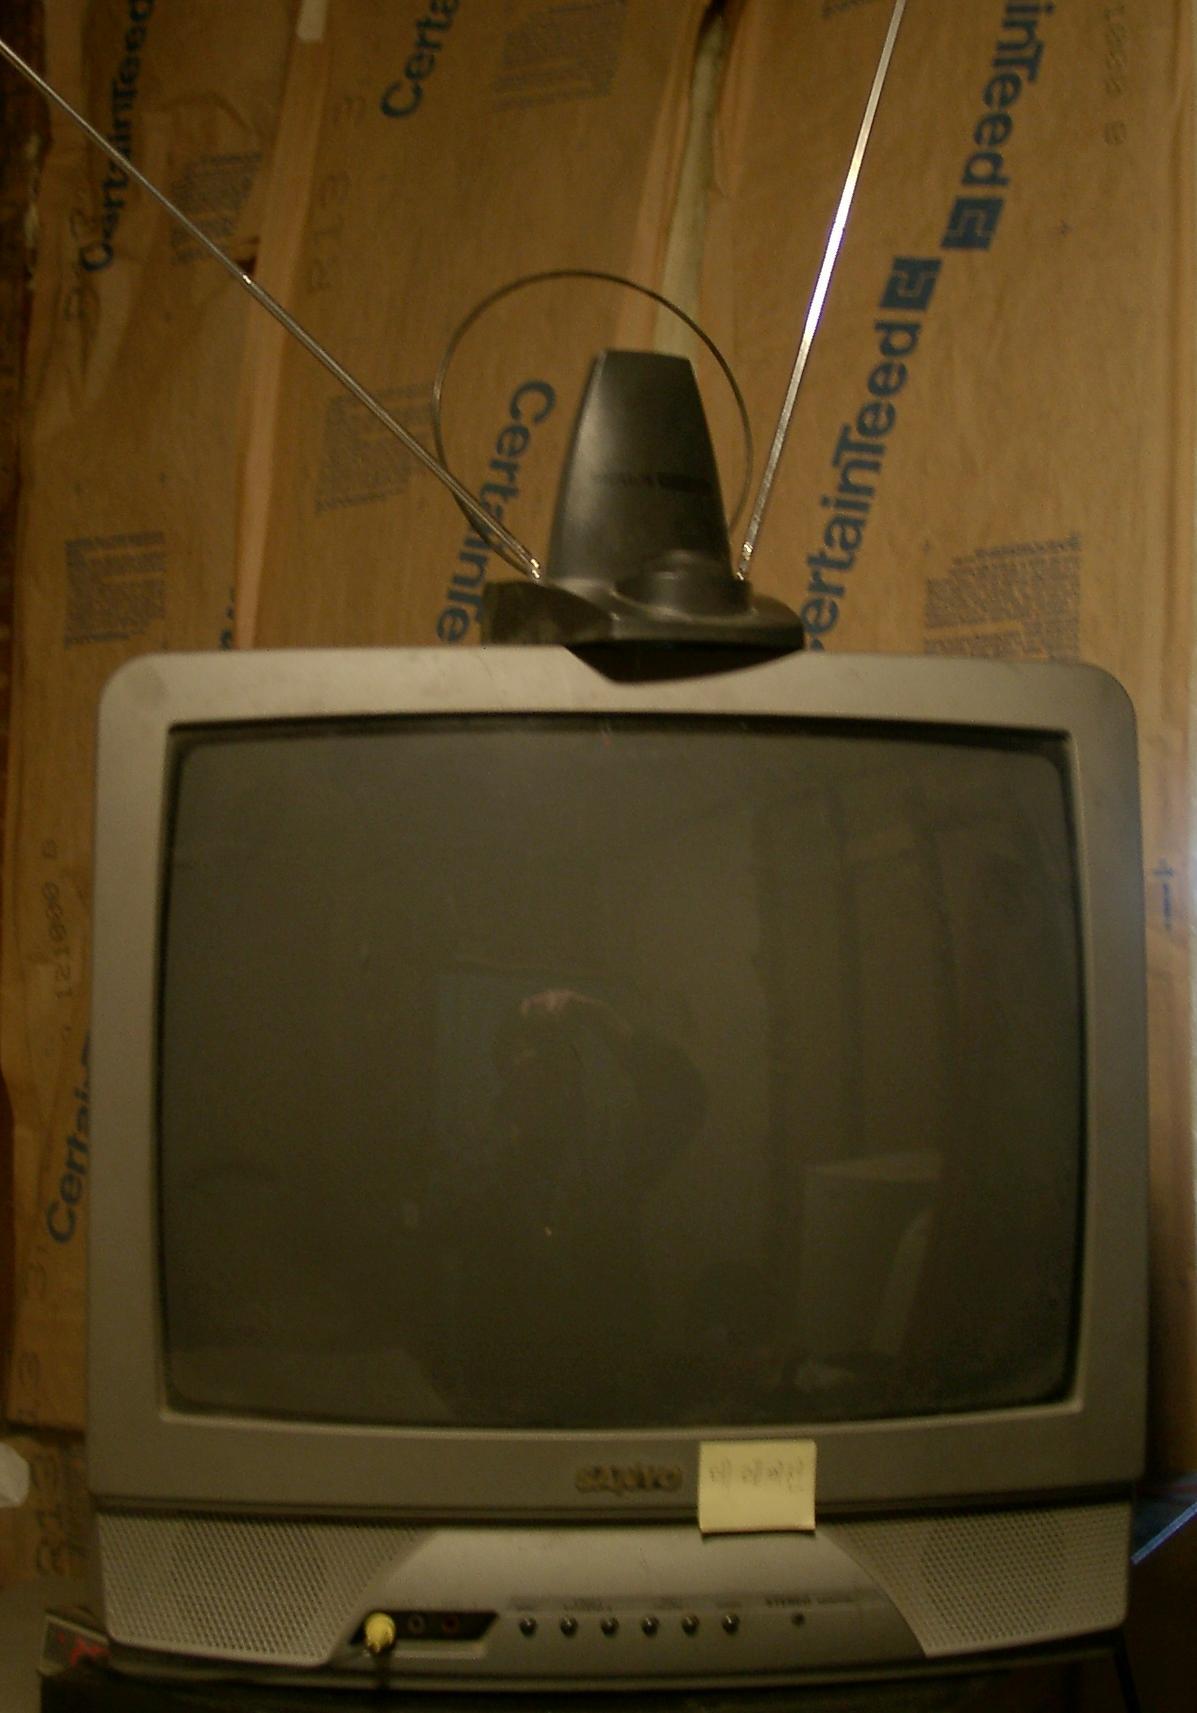 old-school TV